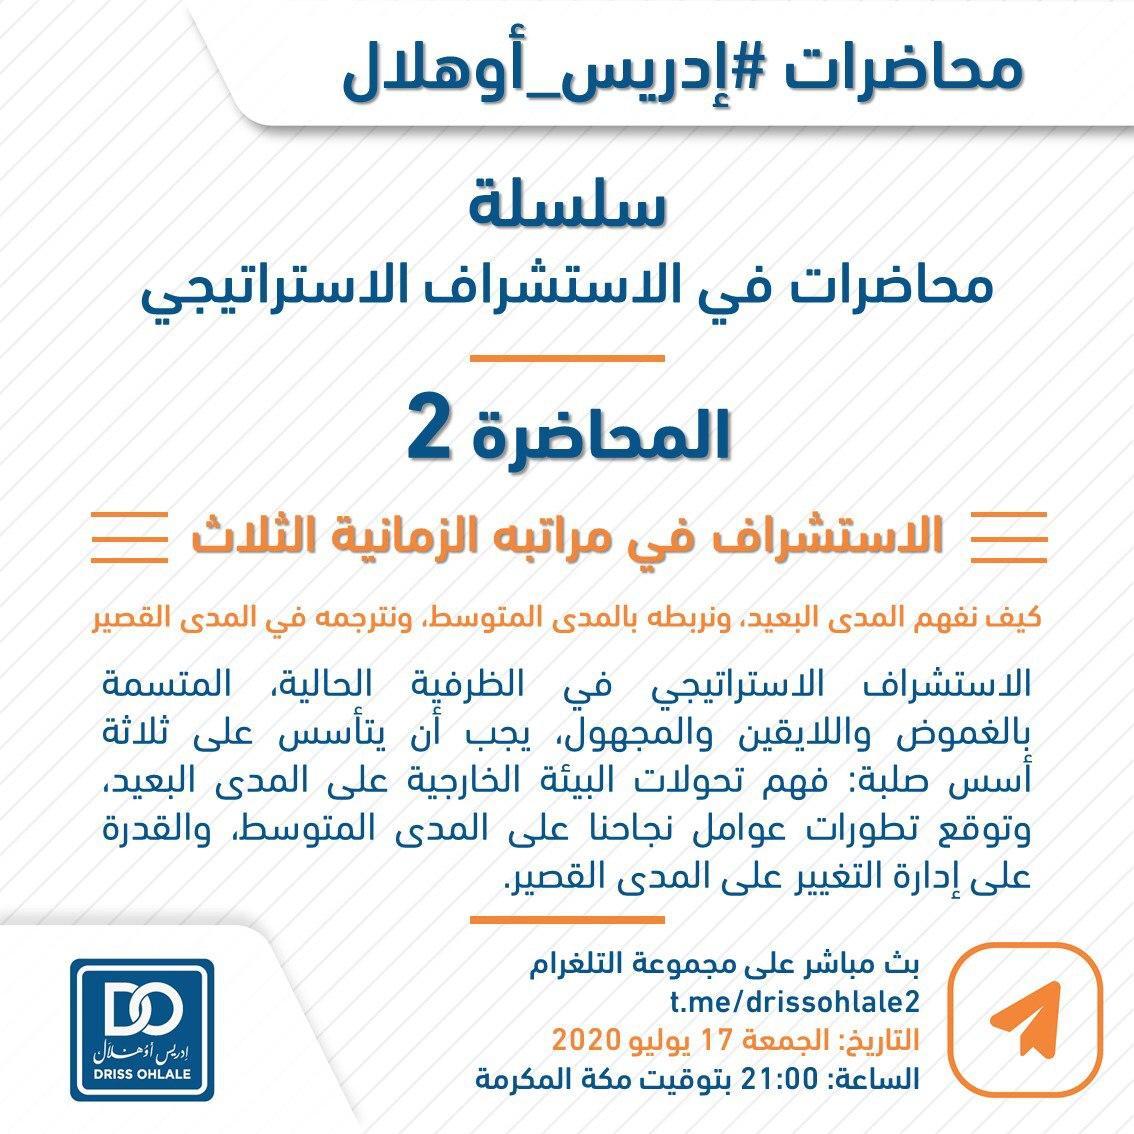 سلسلة الاستشراف الاستراتيجي   المحاضرة الثانية: الاستشراف في مراتبه الزمنية الثلاثة  